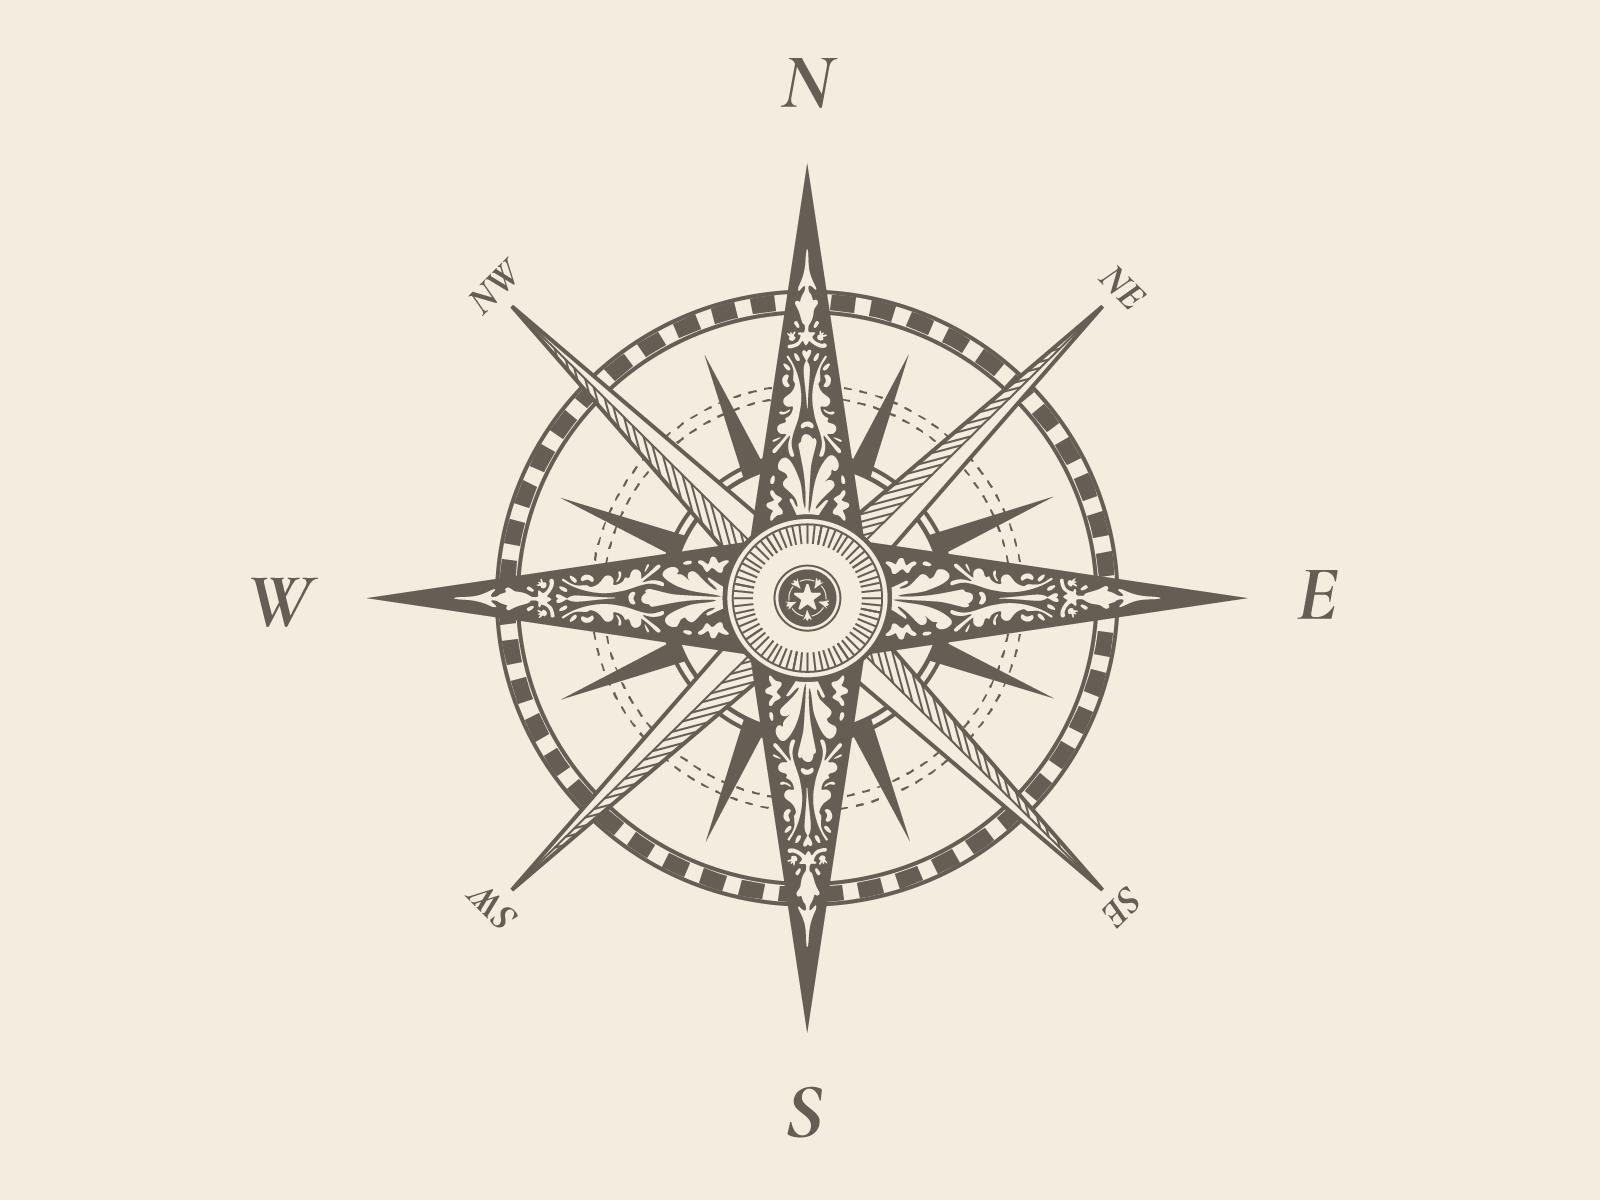 фотография компаса с подписанием сторон света есть